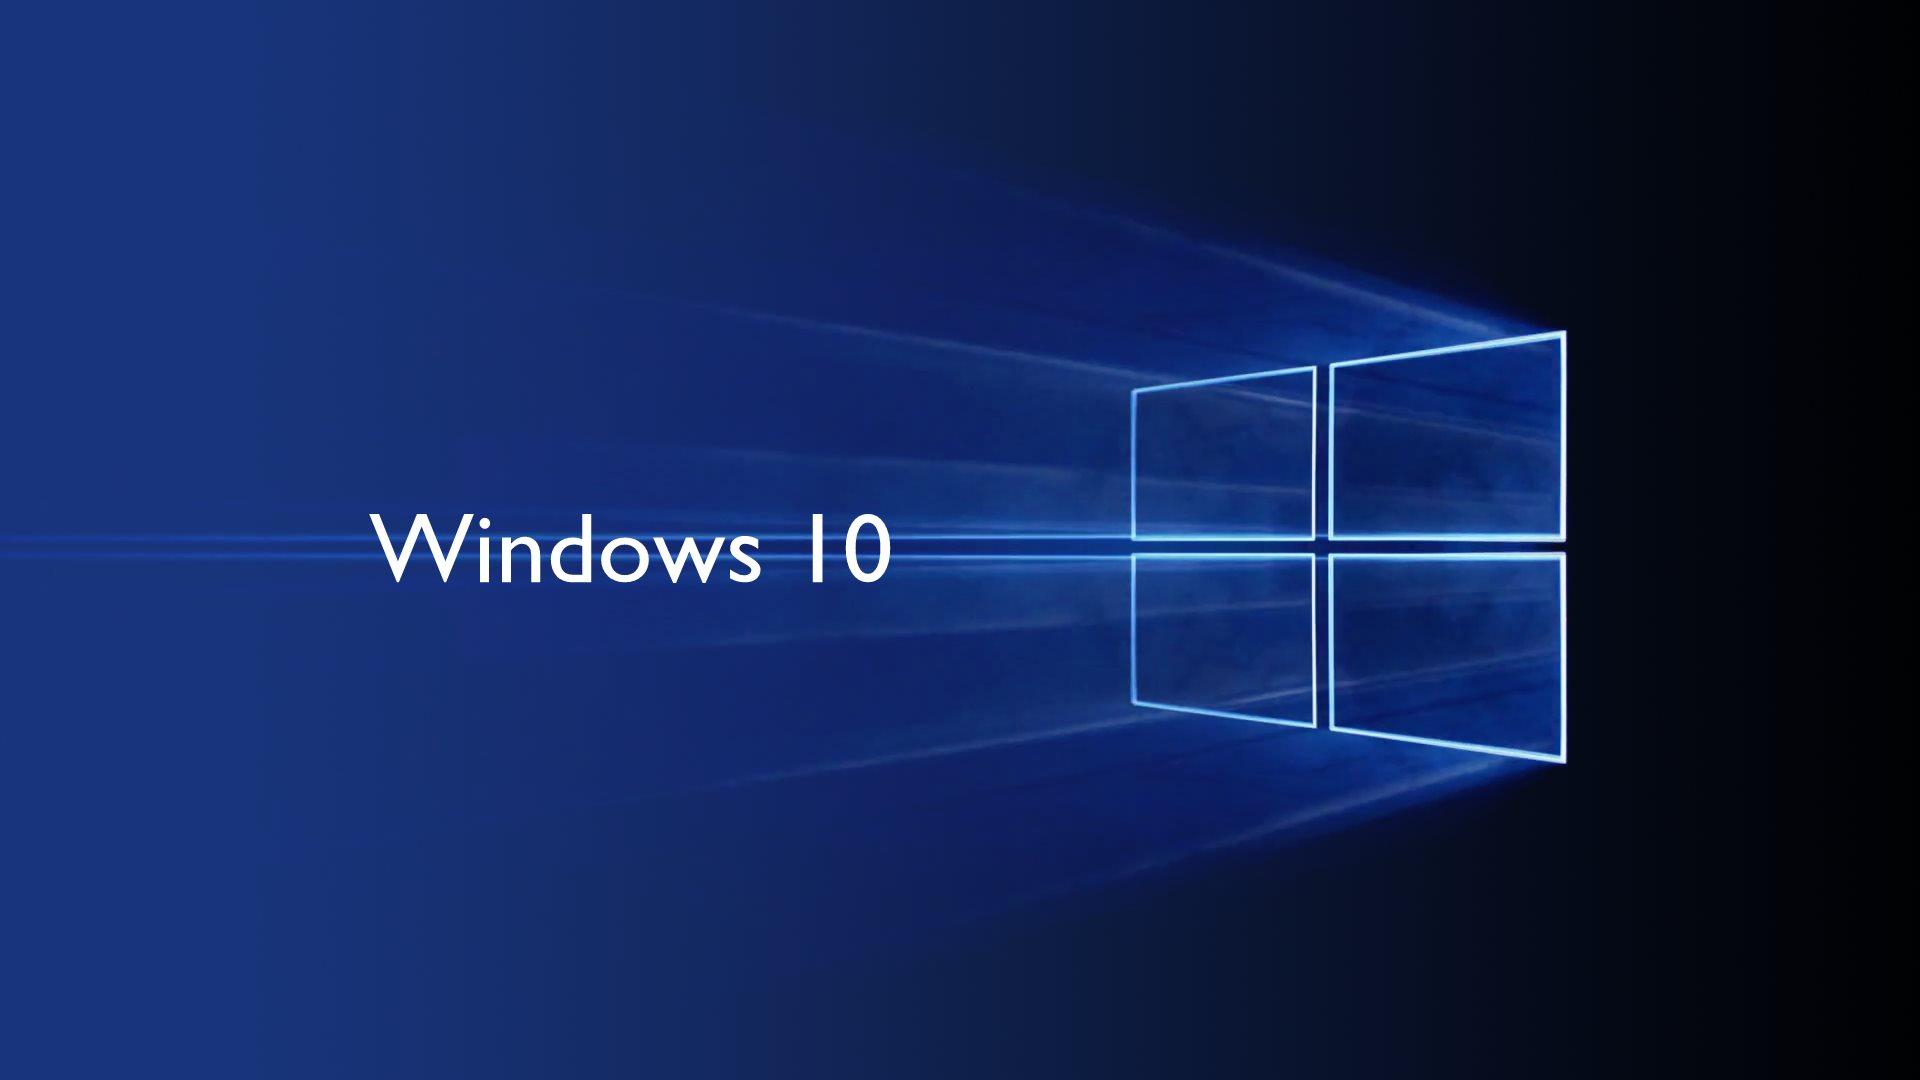 Comment réinstaller windows 8.1 ?